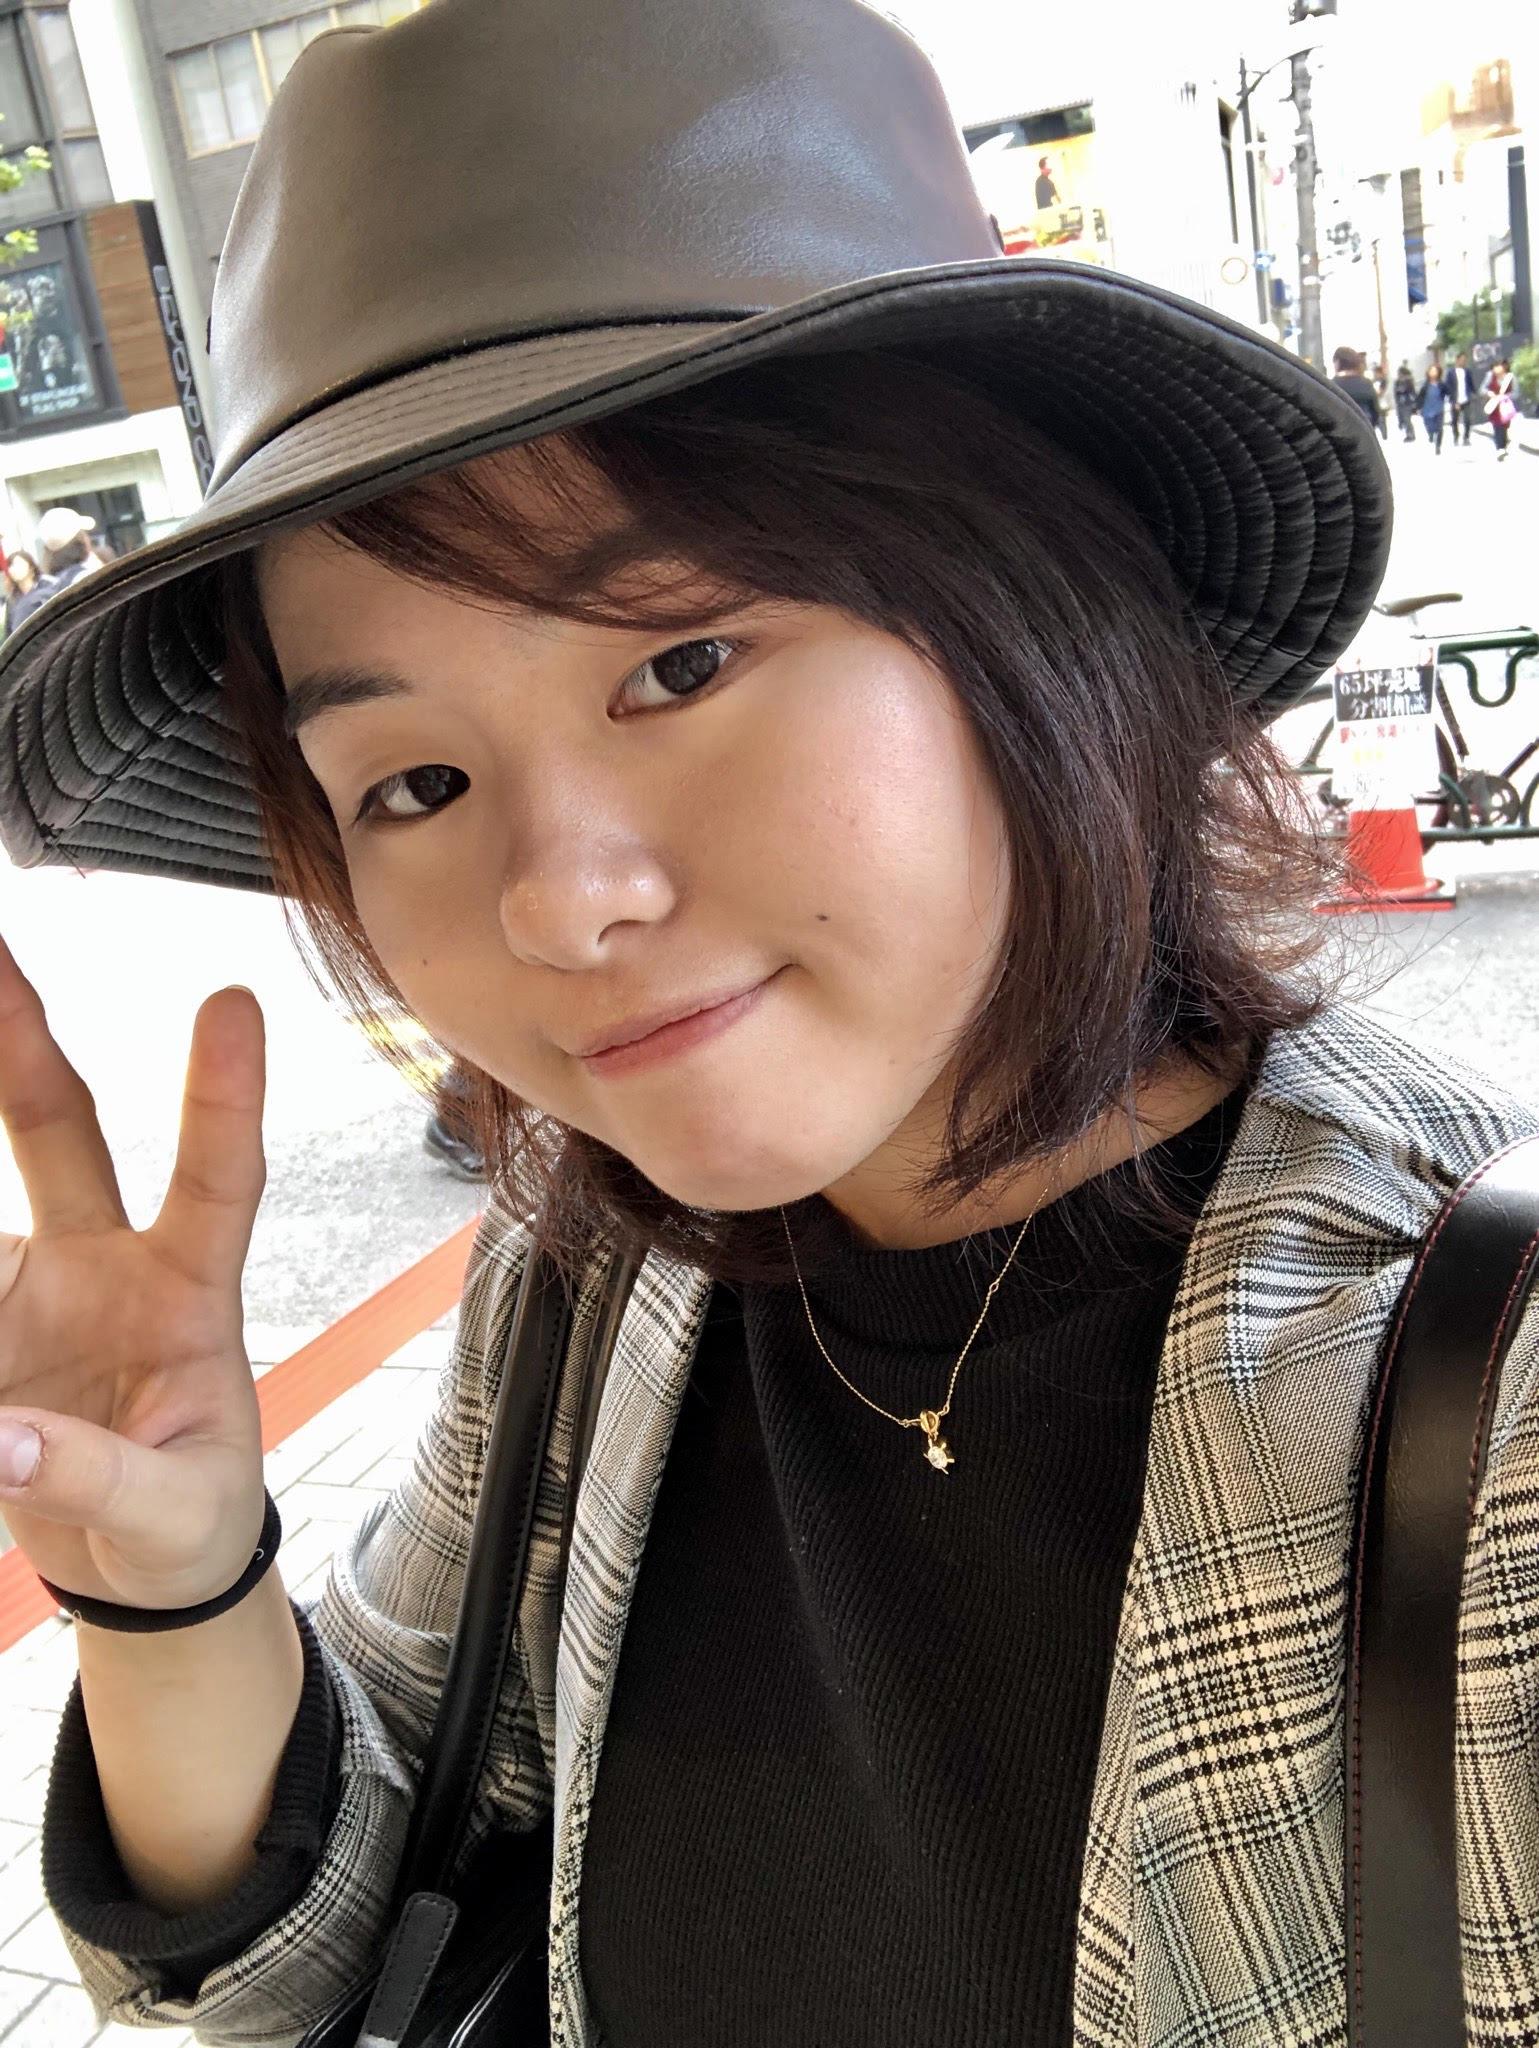 Saki Arimoto